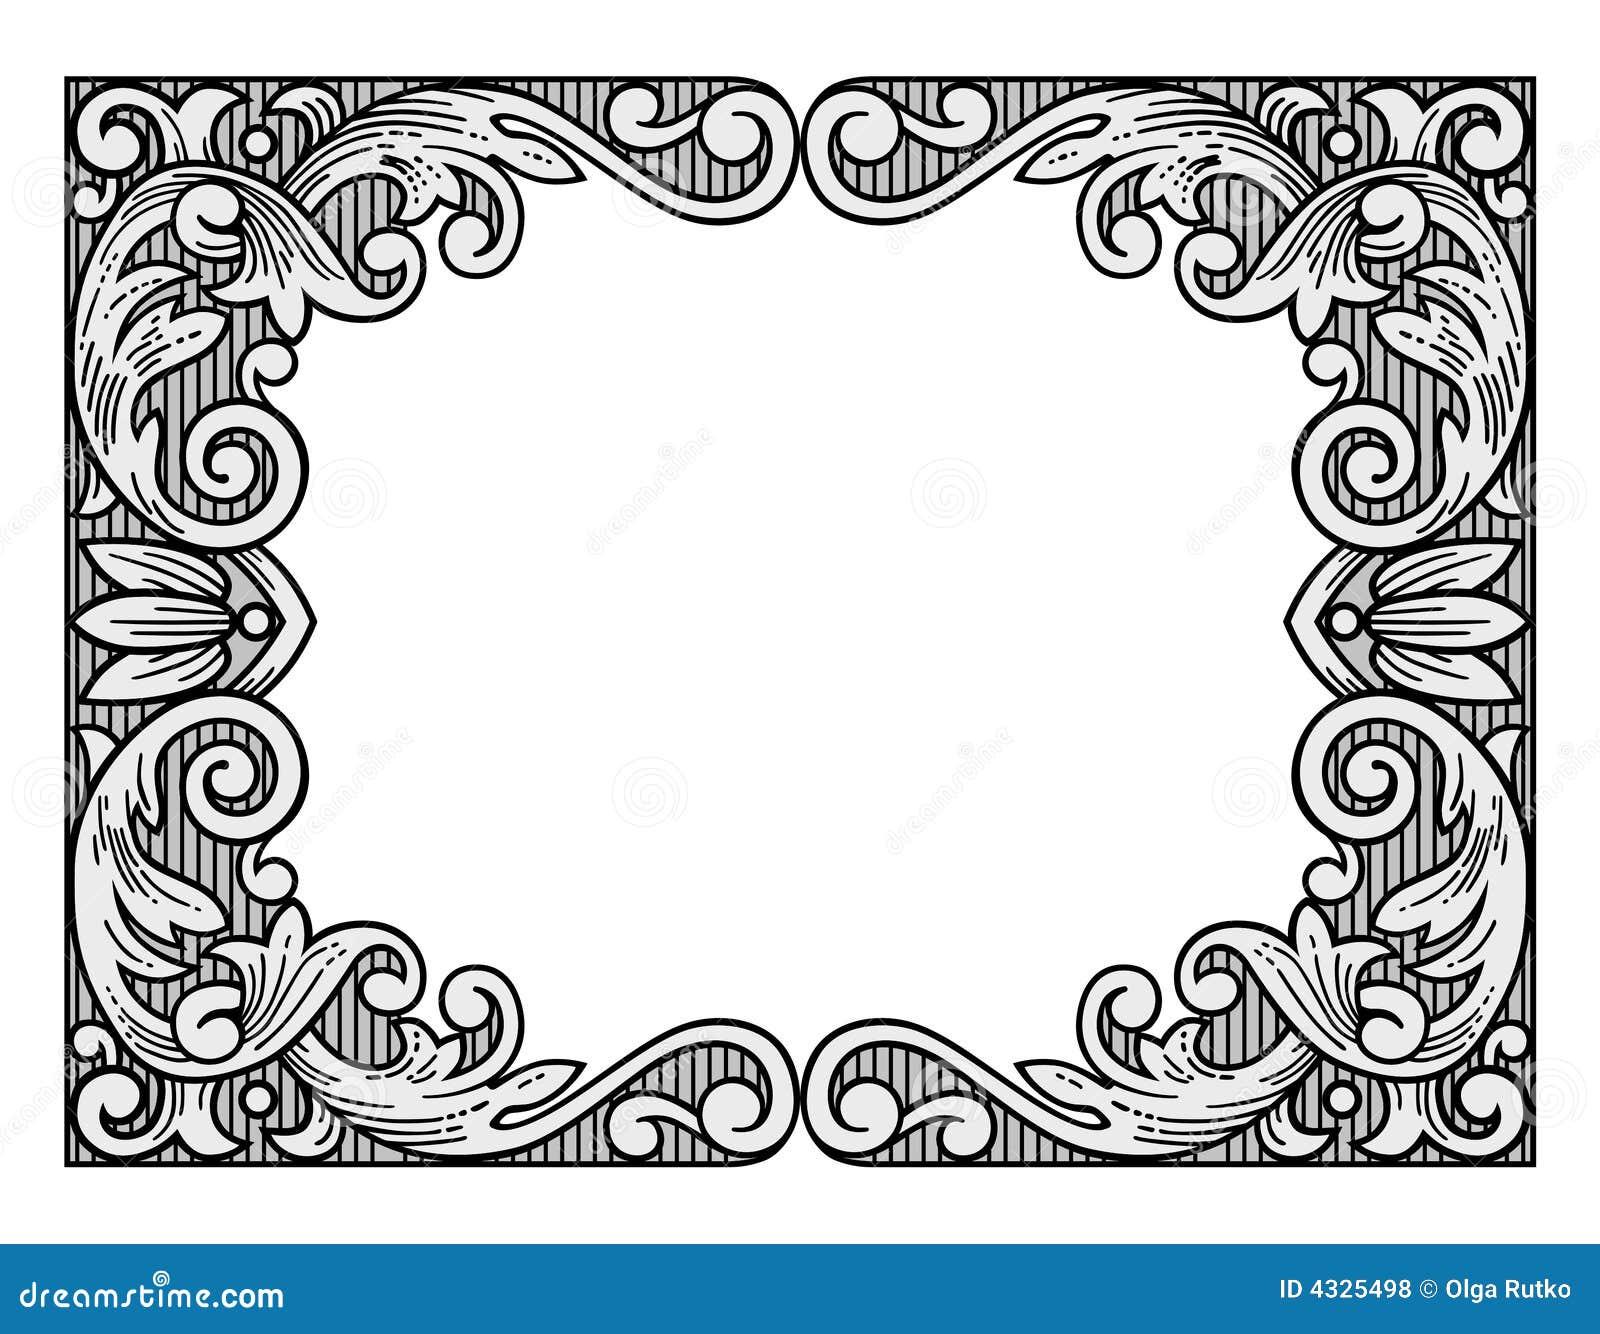 Flower engraving frame stock vector. Illustration of retro - 4325498